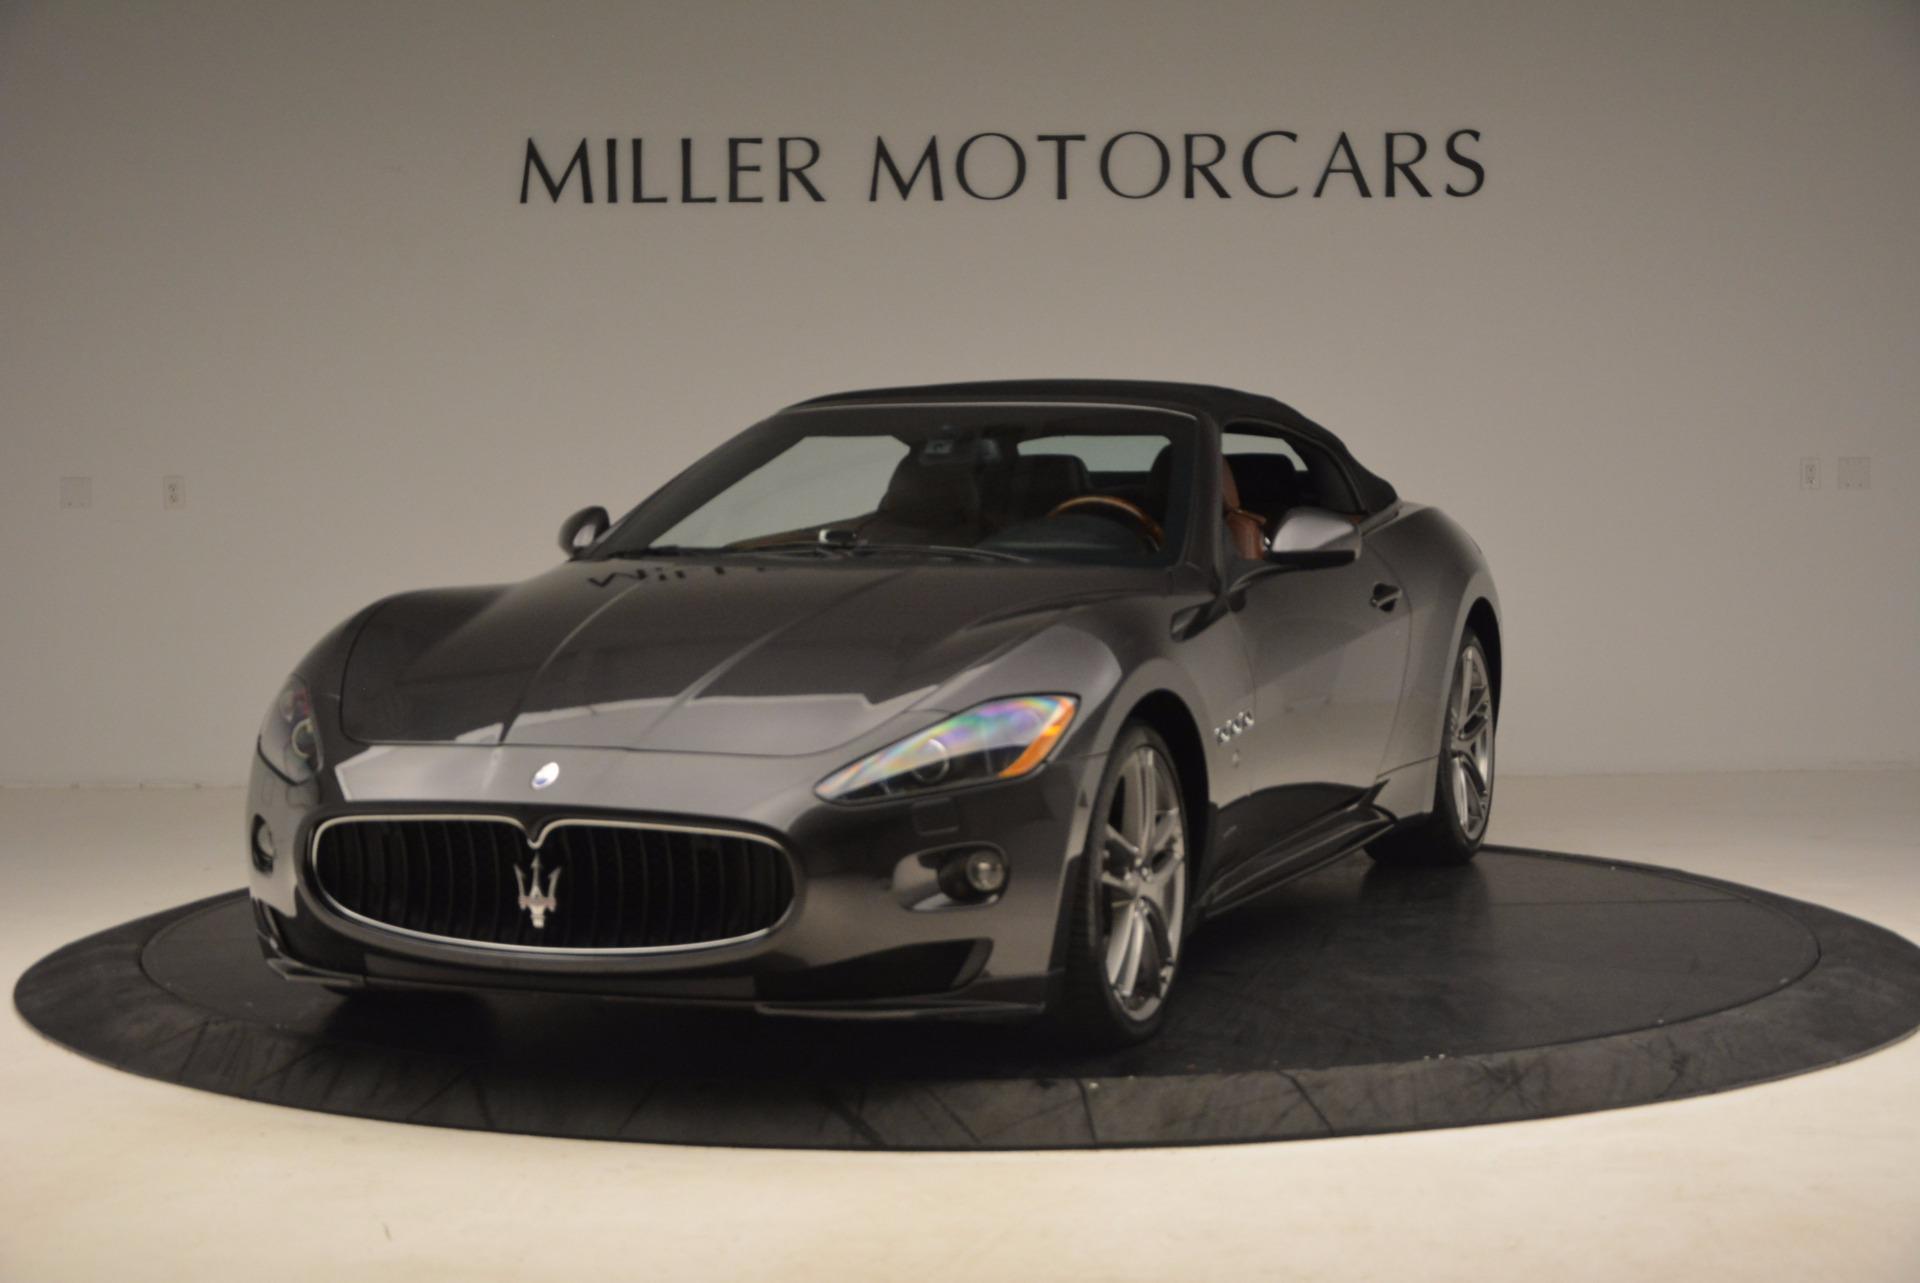 Used 2012 Maserati GranTurismo Sport For Sale In Greenwich, CT 1097_p13